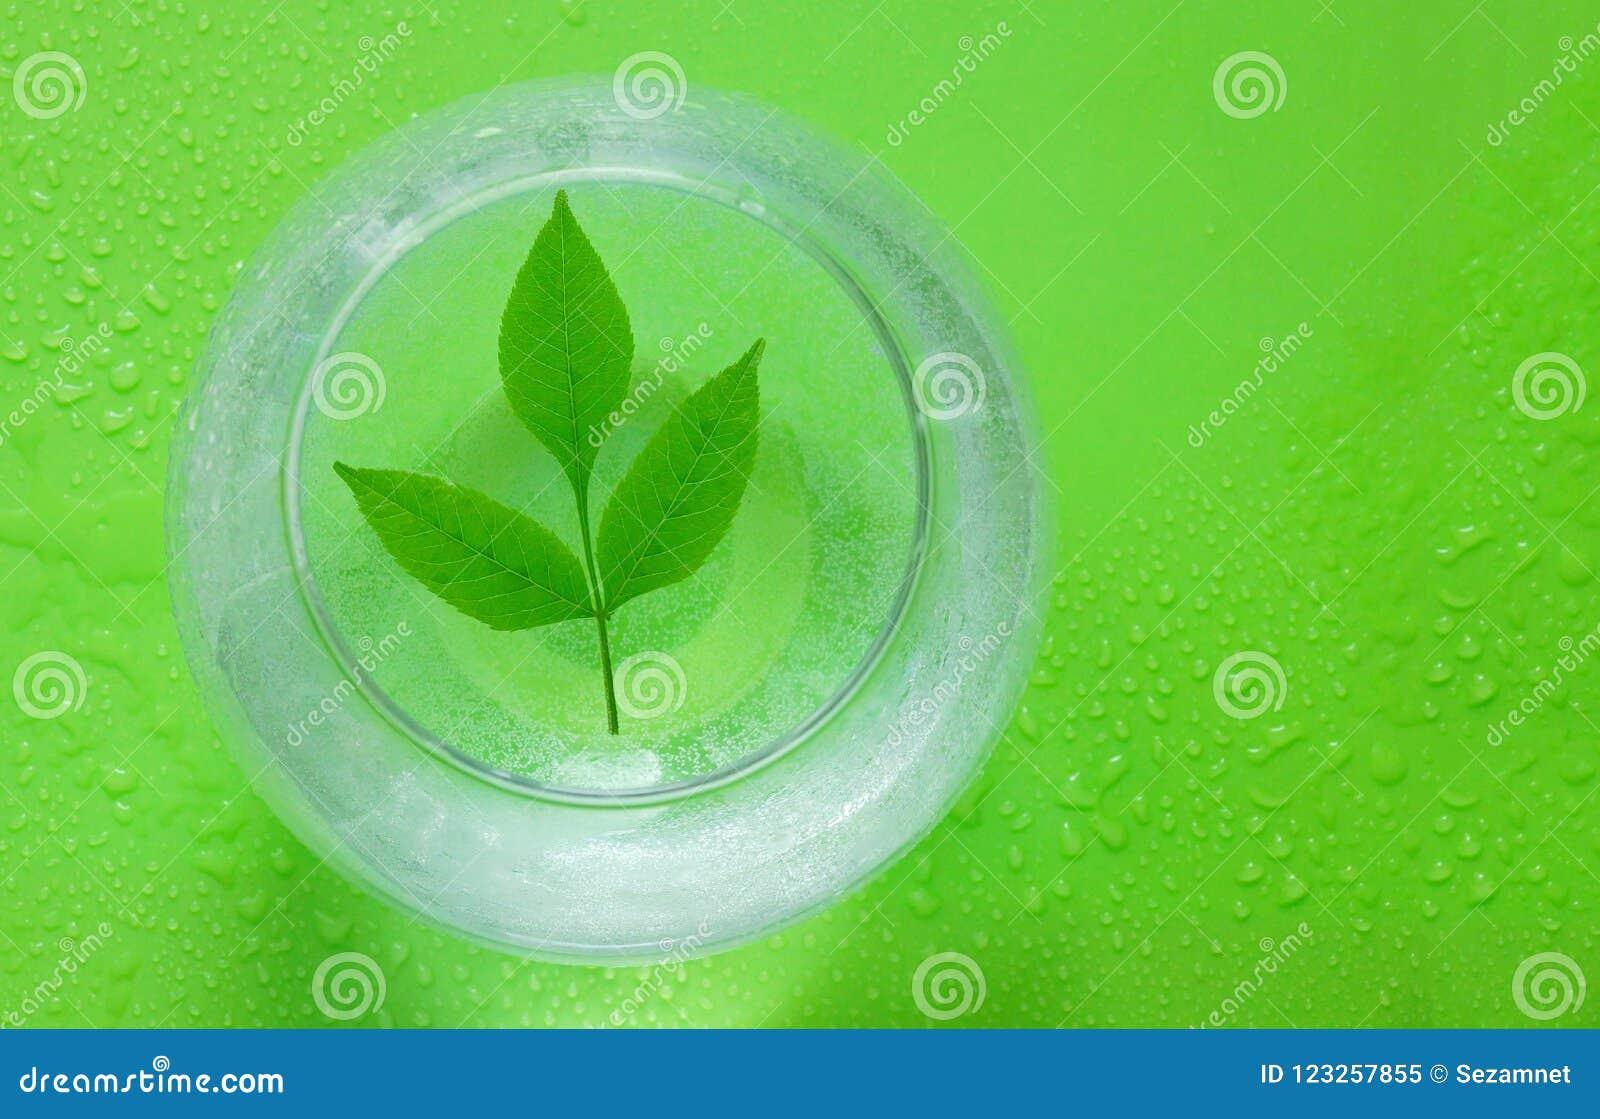 Pojęcie ekologia zieleń liście rozgałęziają się i nawadniają w spher